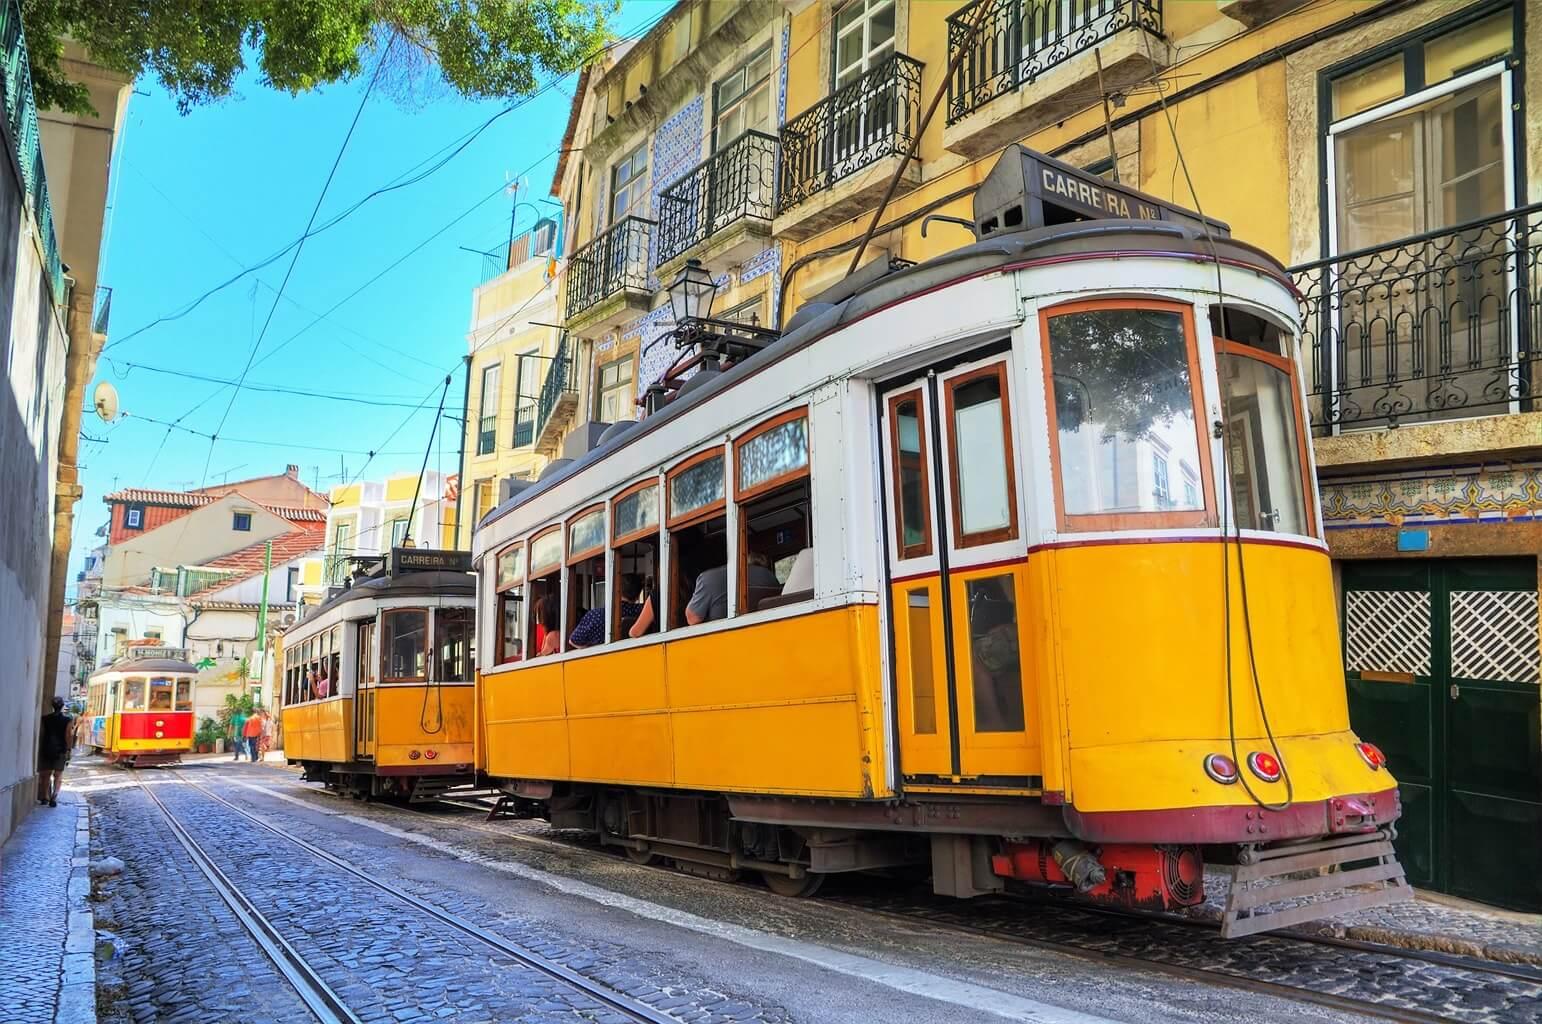 Transport en commun à Lisbonne : Tram jaune